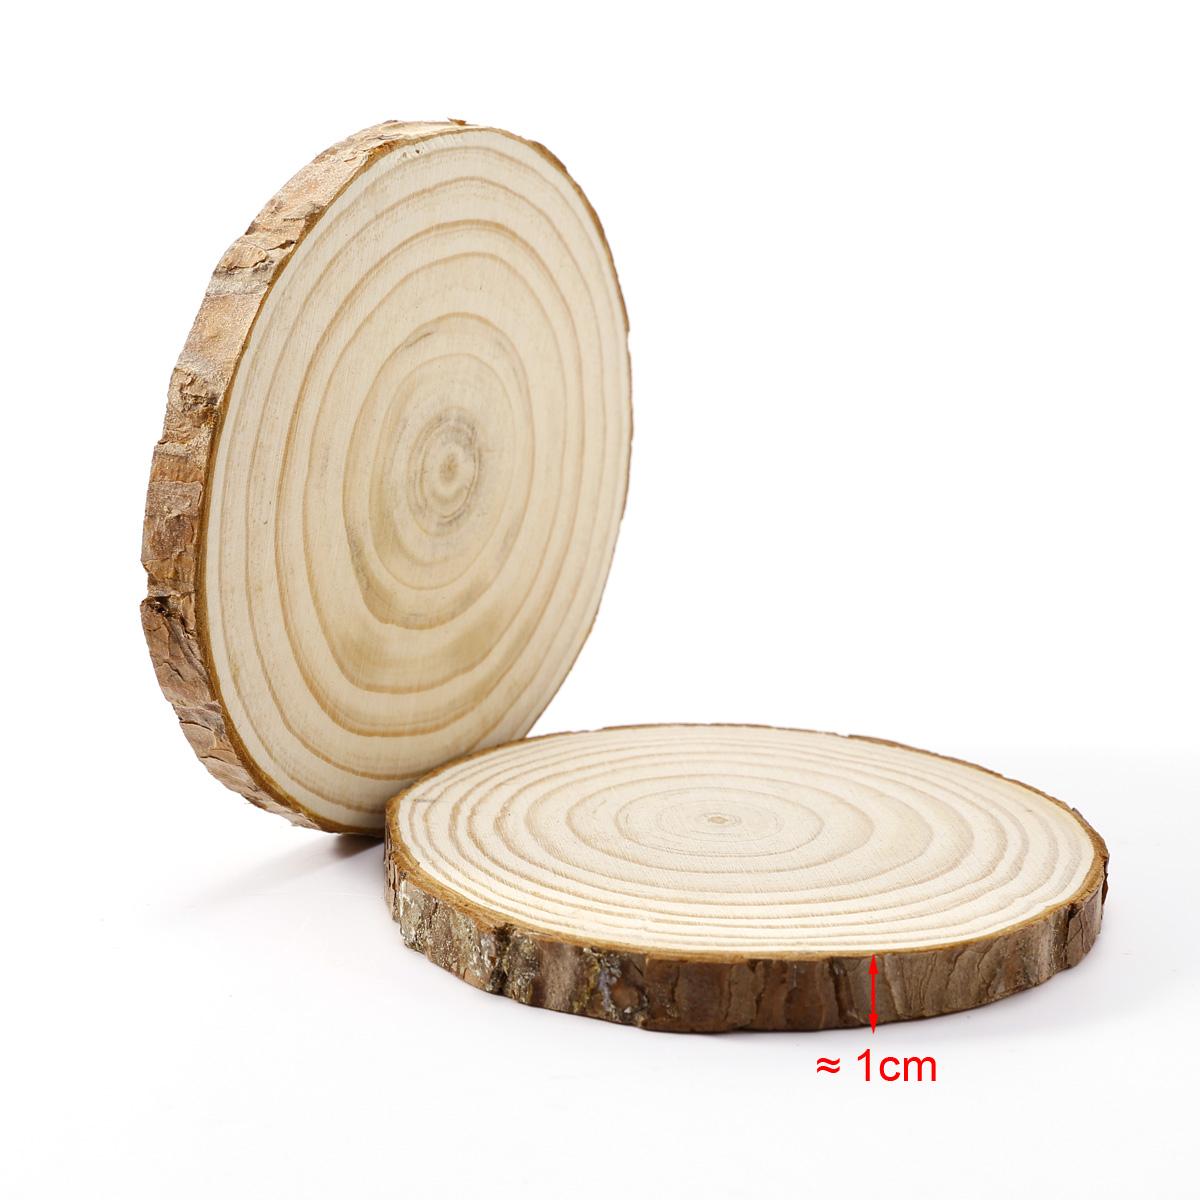 12 natural wood tree log slice for diy crafts wedding table decoration 11 12cm. Black Bedroom Furniture Sets. Home Design Ideas